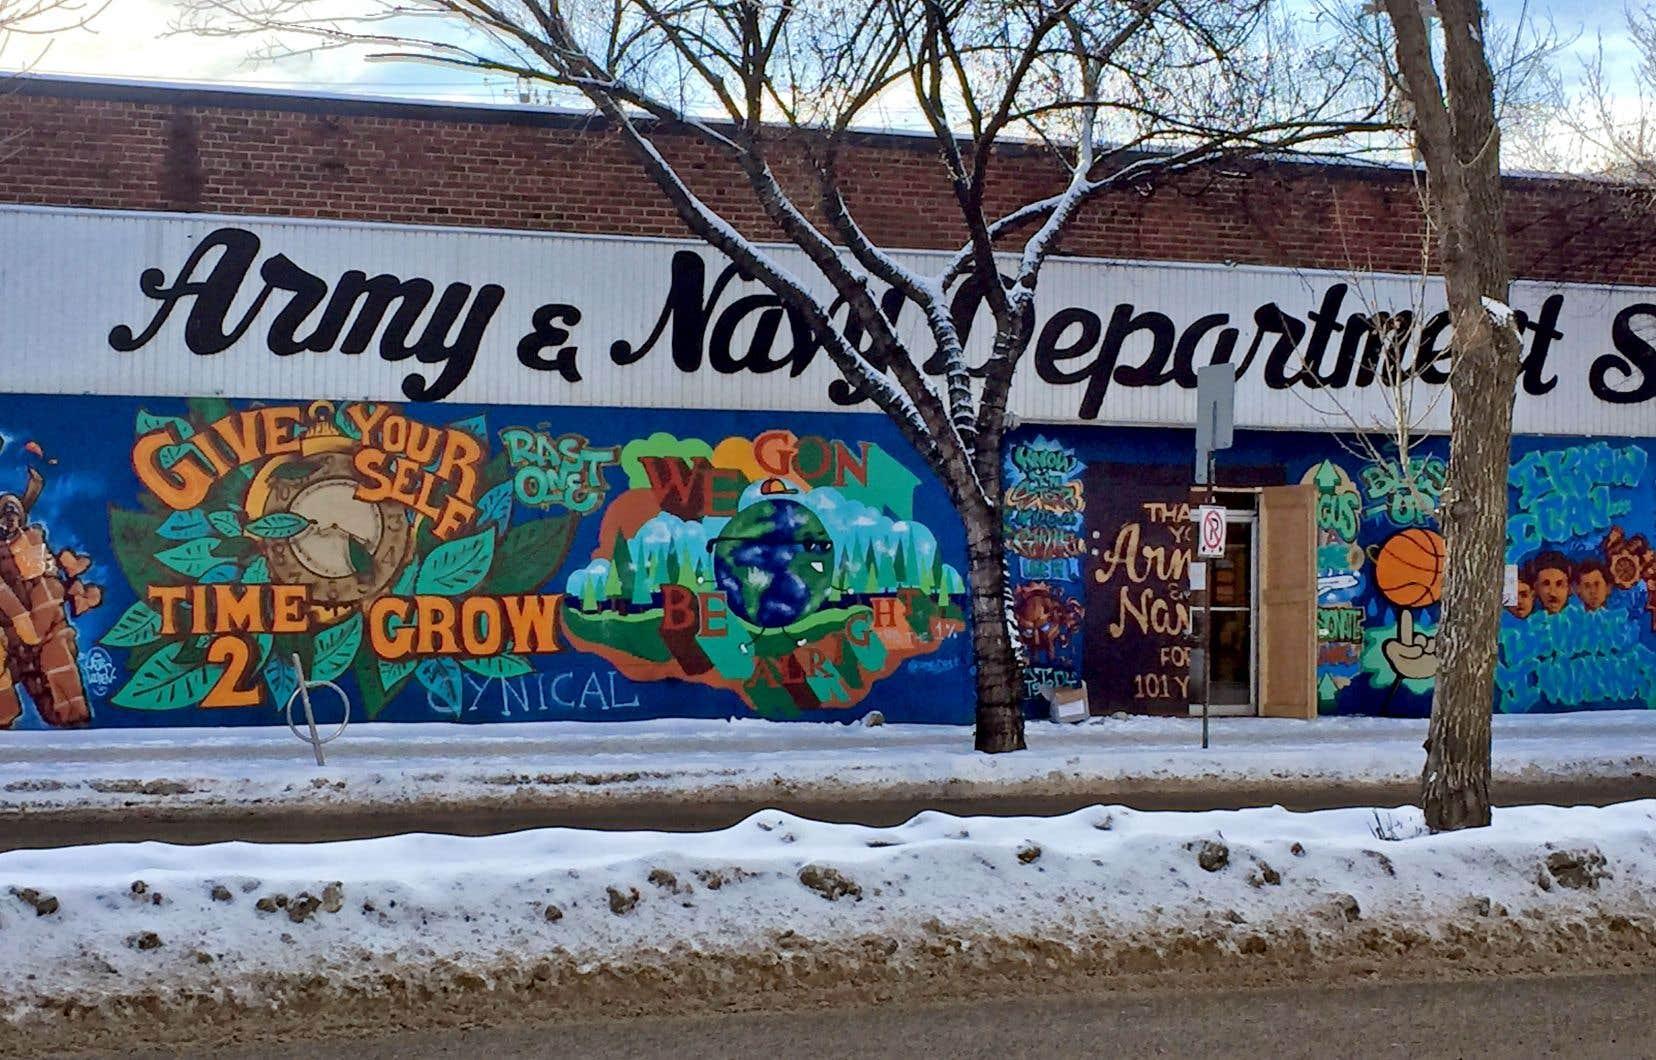 Le grand magasin Army & Navy a fermé ses portes en mai dernier, après plus de 100 ans d'activité.